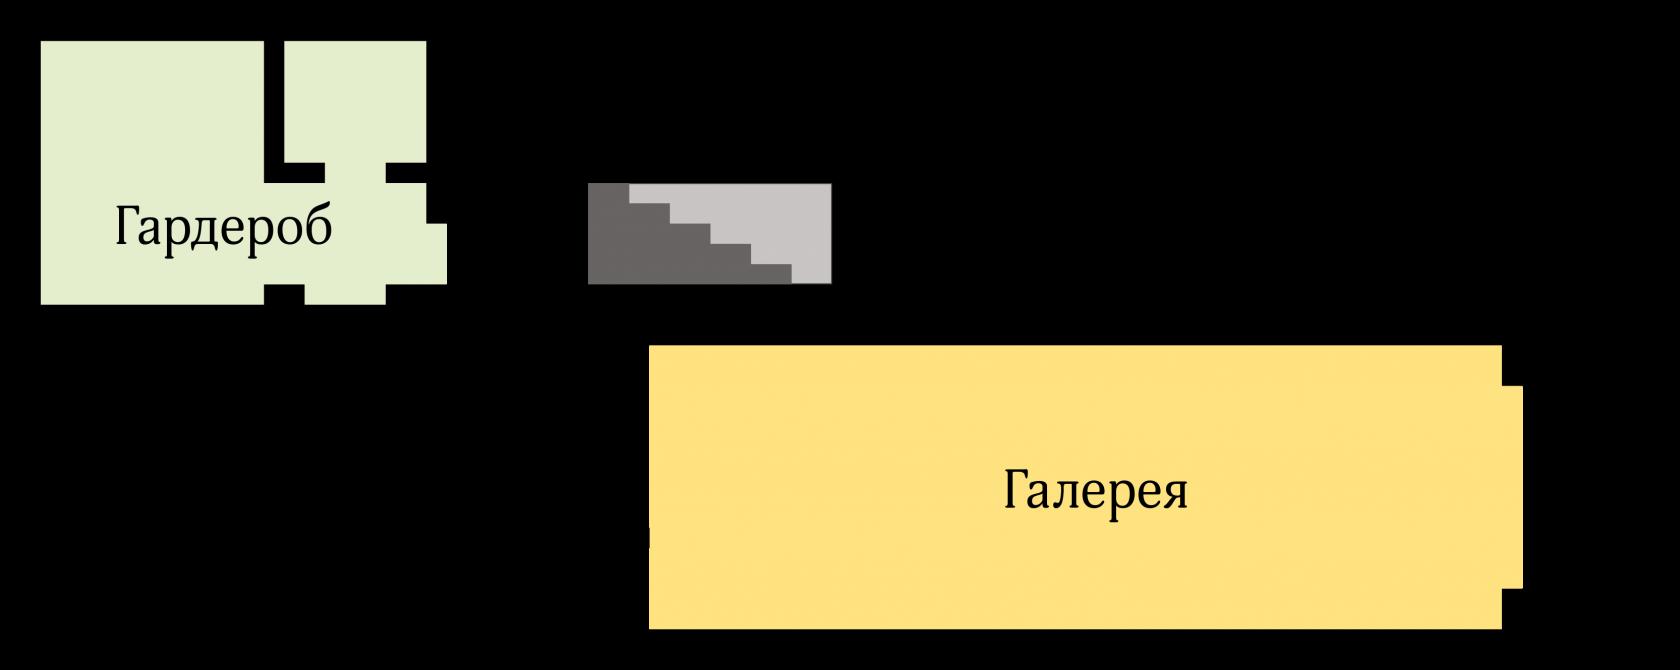 scheme_1.png